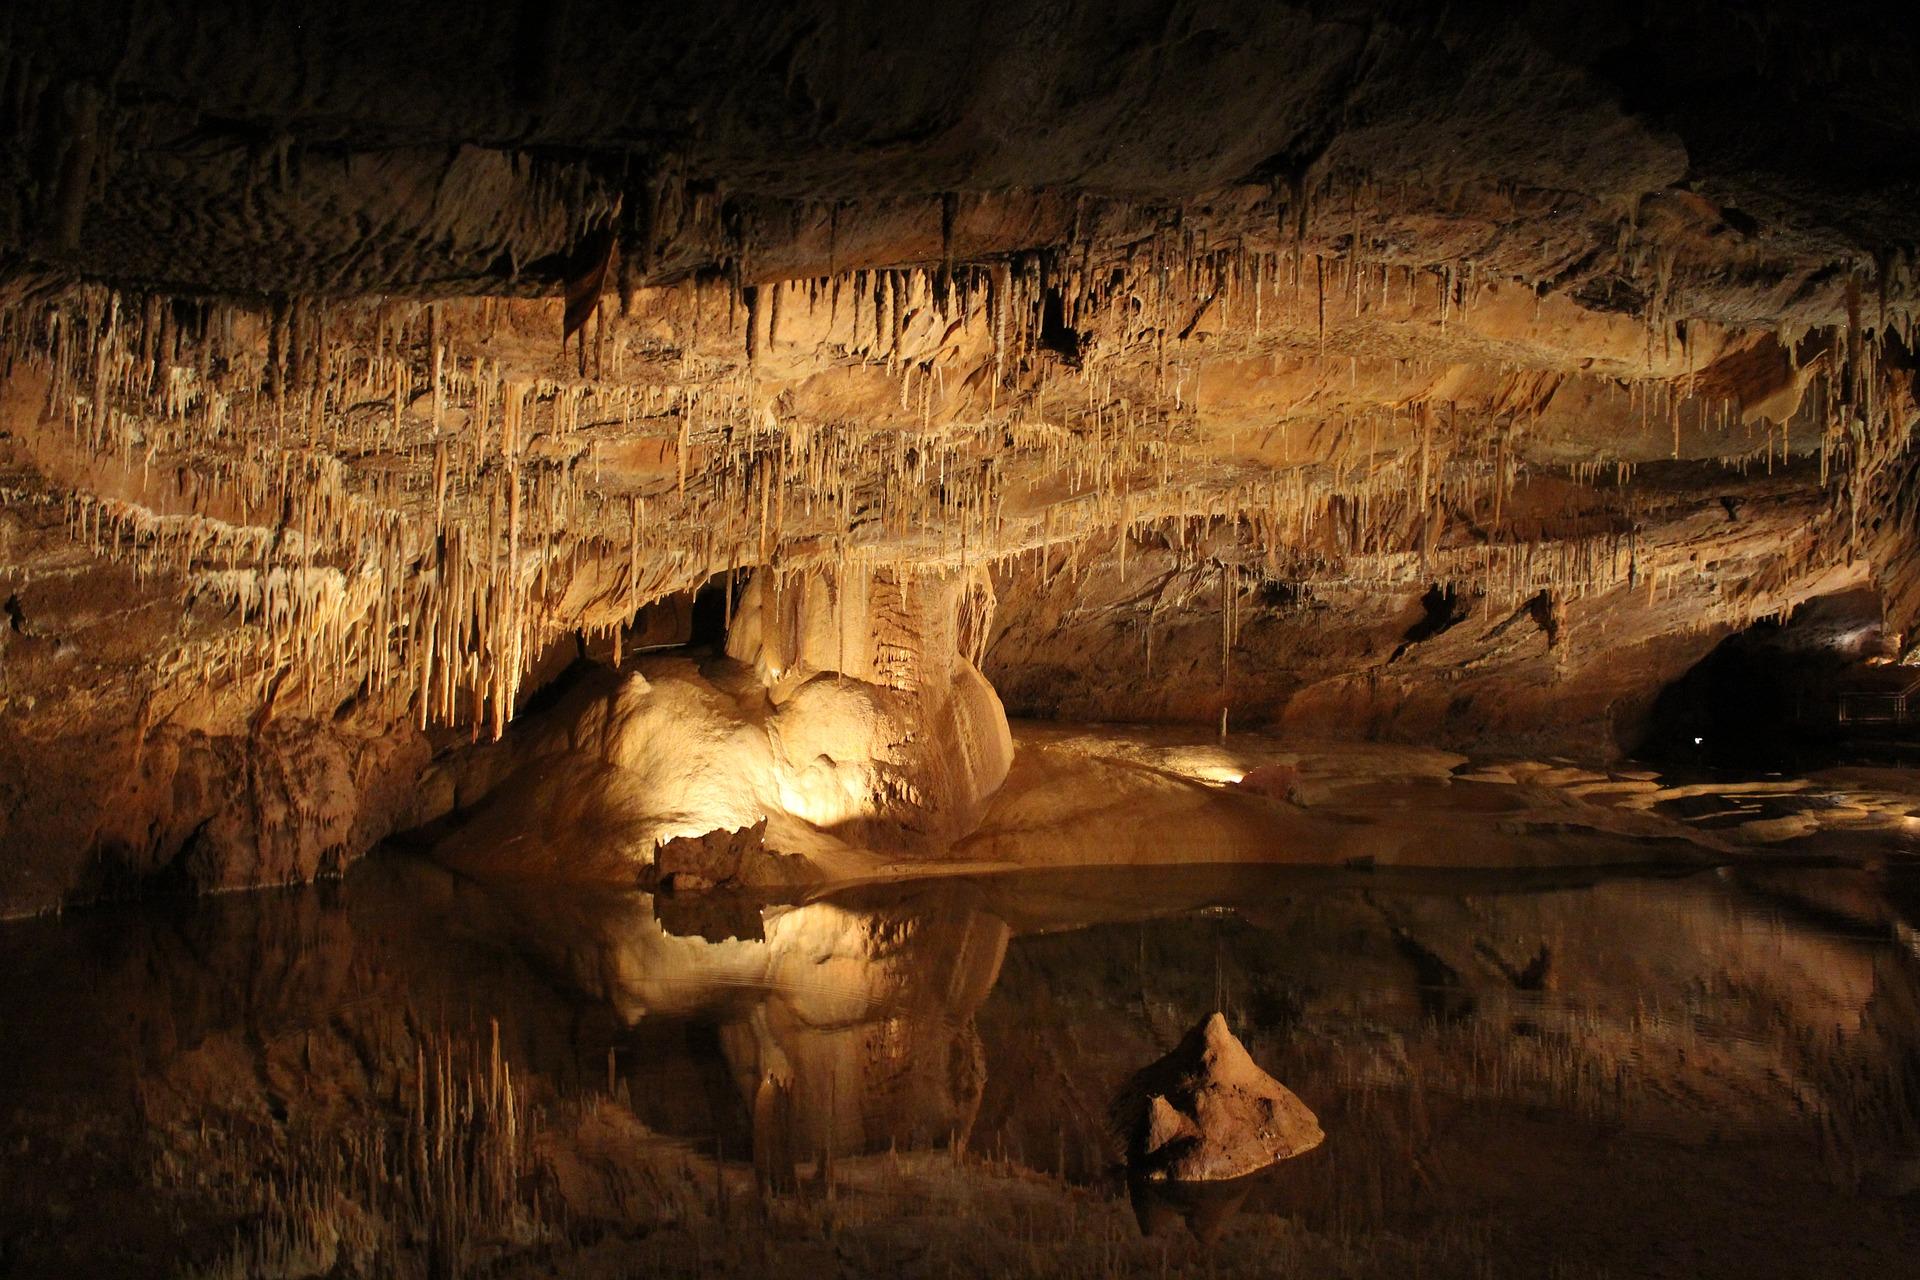 Печери України: де шукати та що потрібно знати